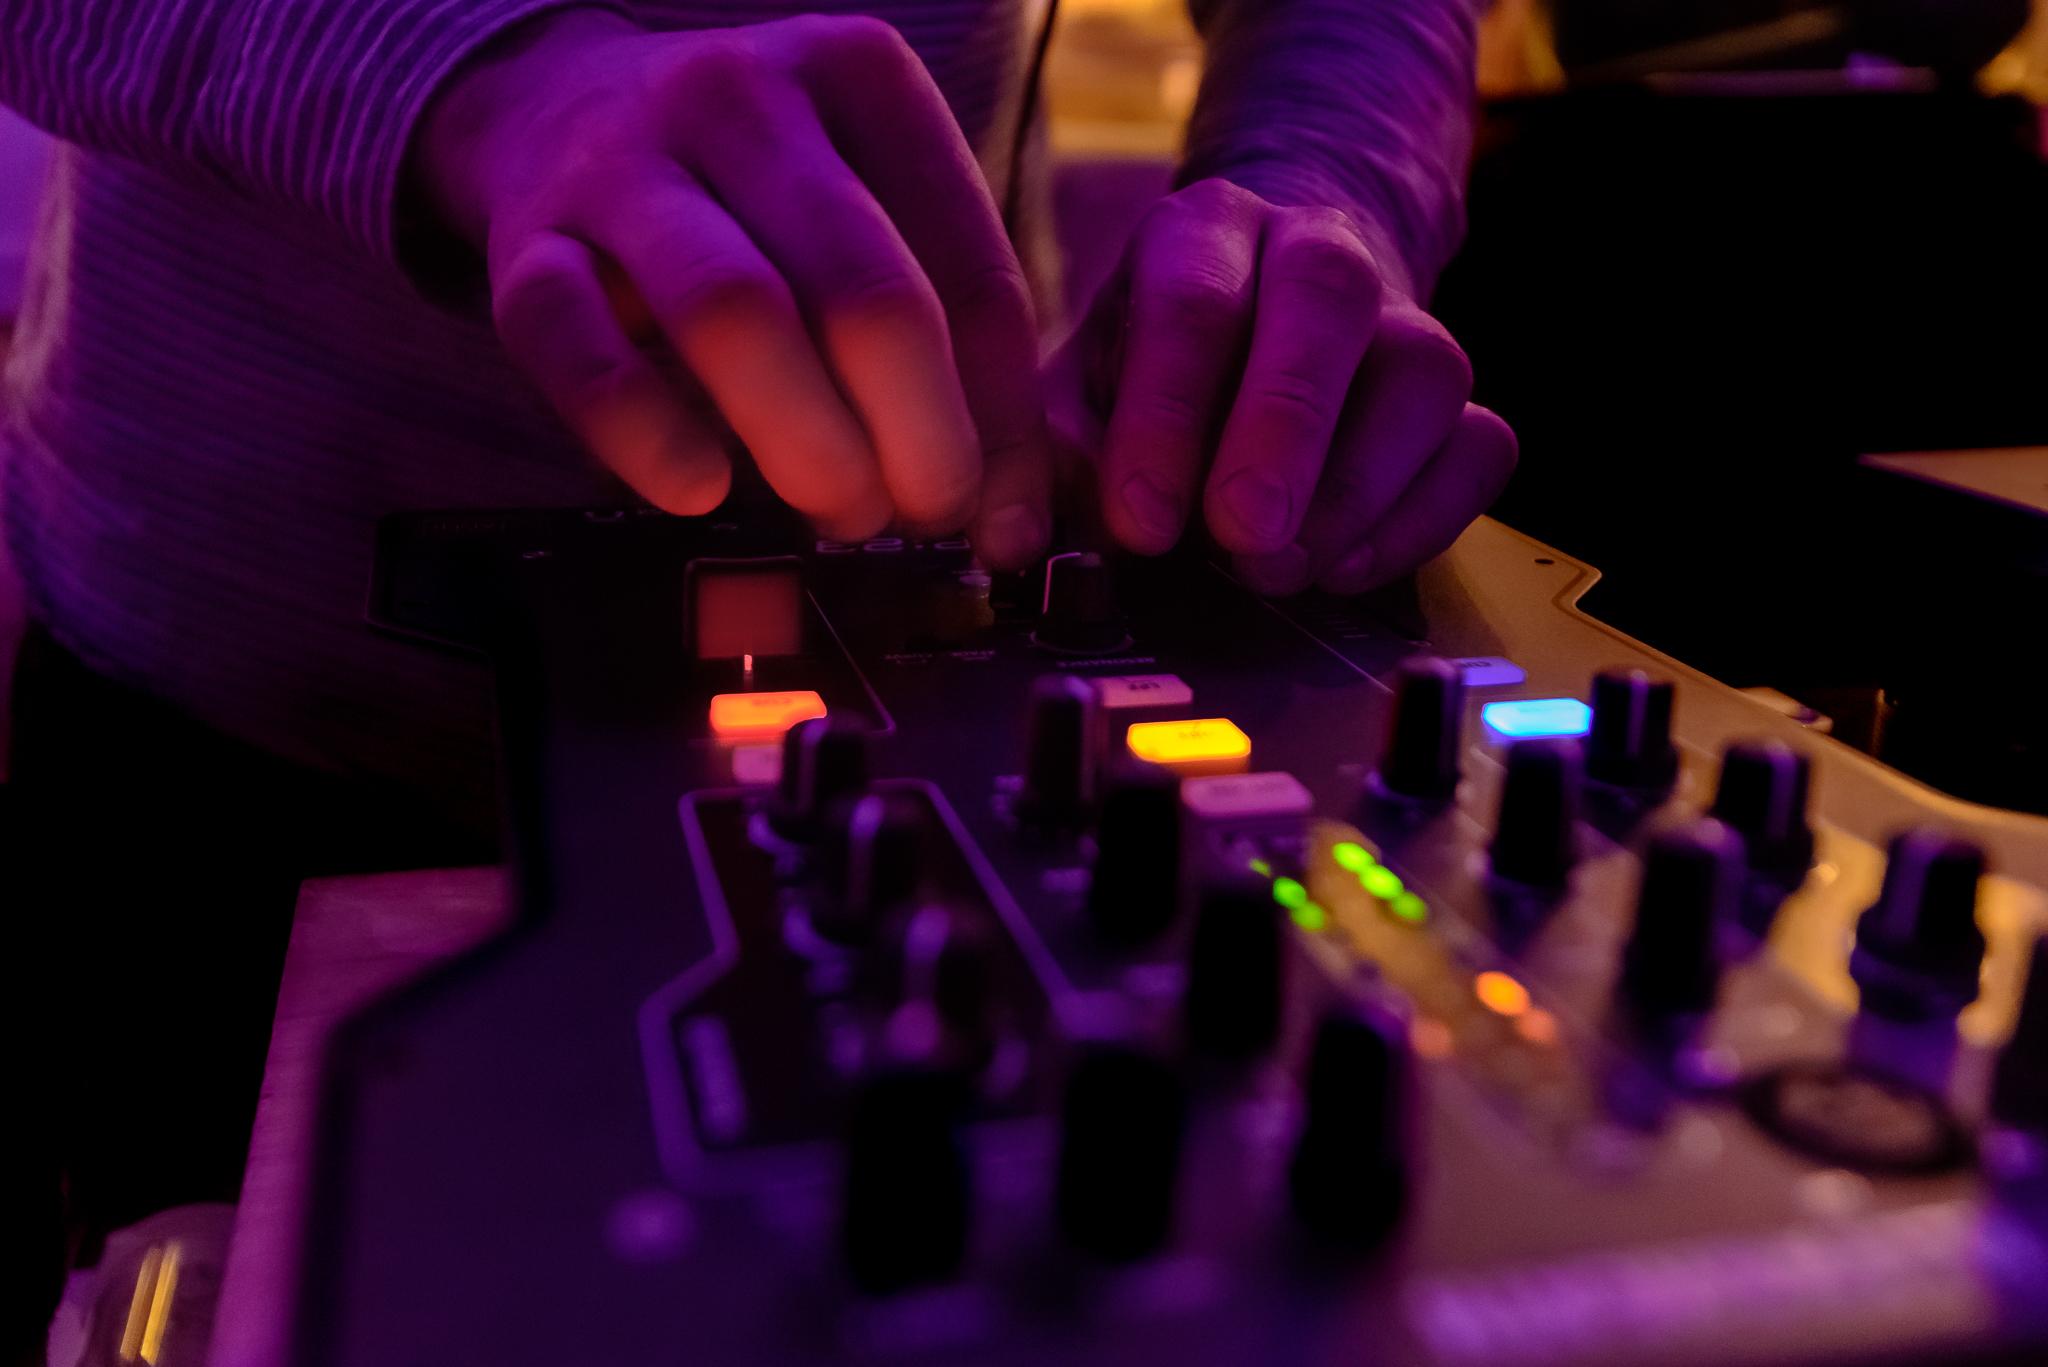 katoi_radio_katoi_mixer_fingers.jpg